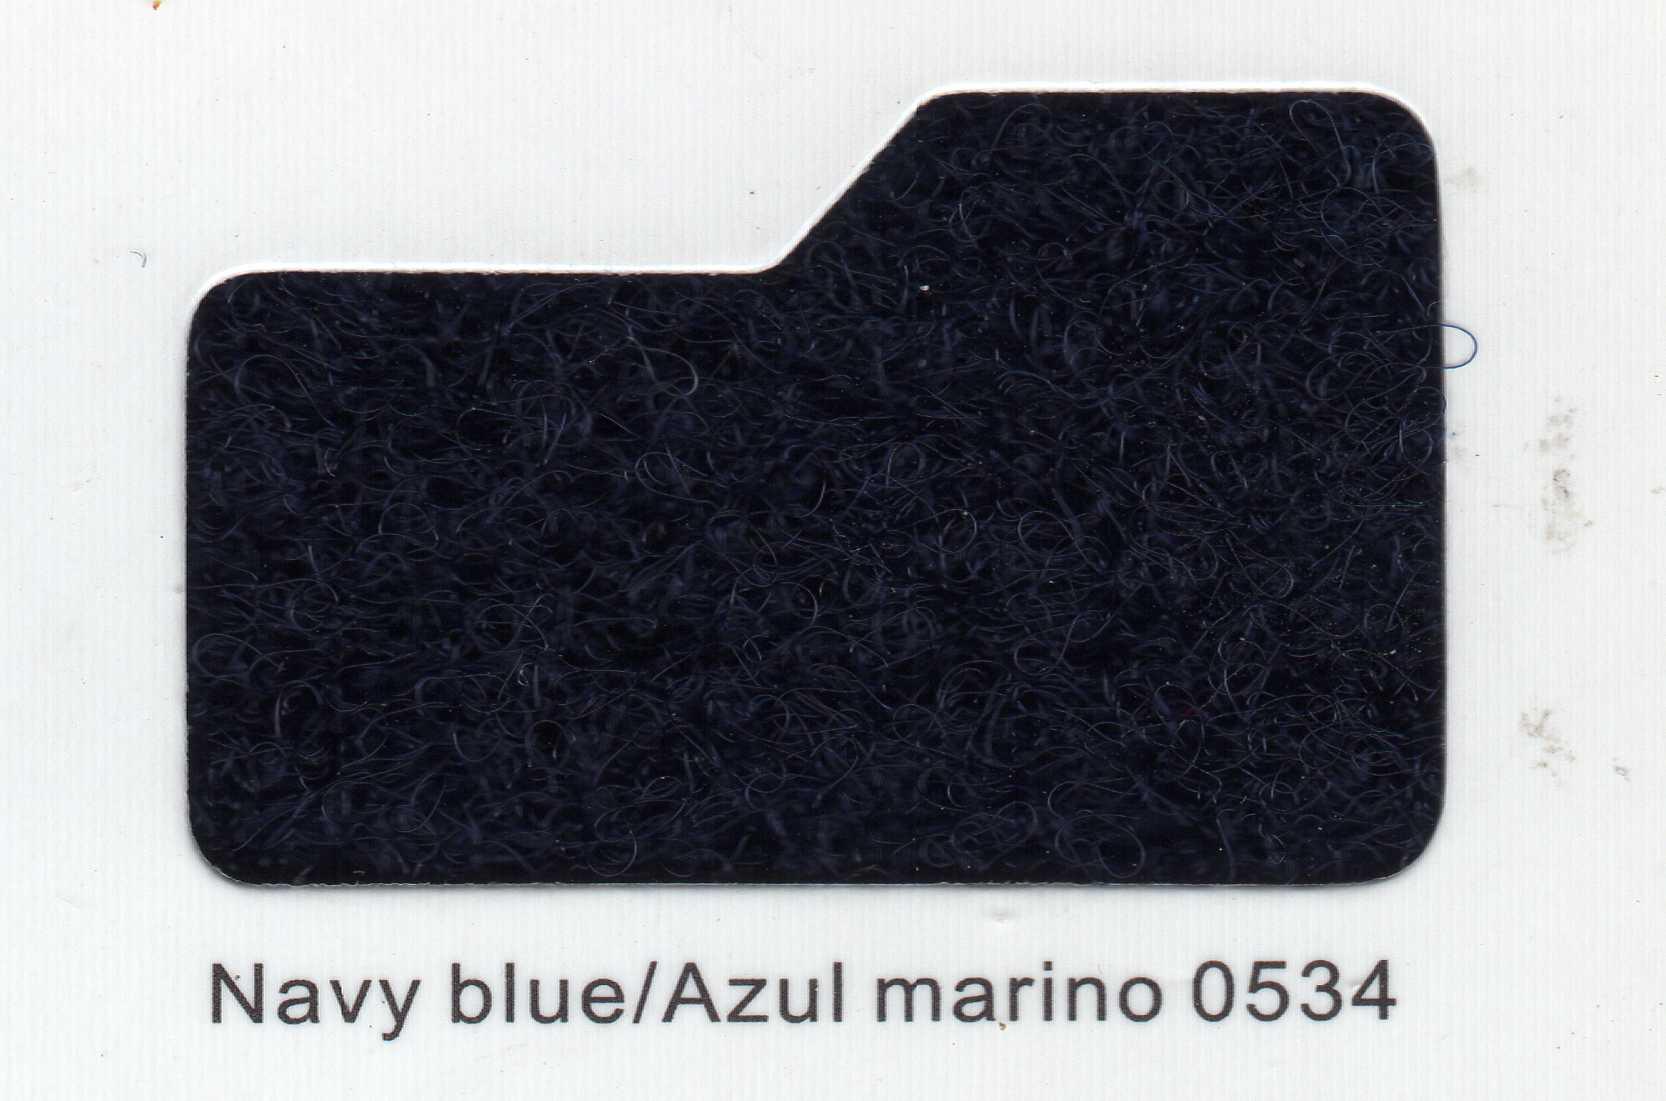 Cinta de cierre Velcro-Veraco 50mm Azul Marino 0534 (Rizo).